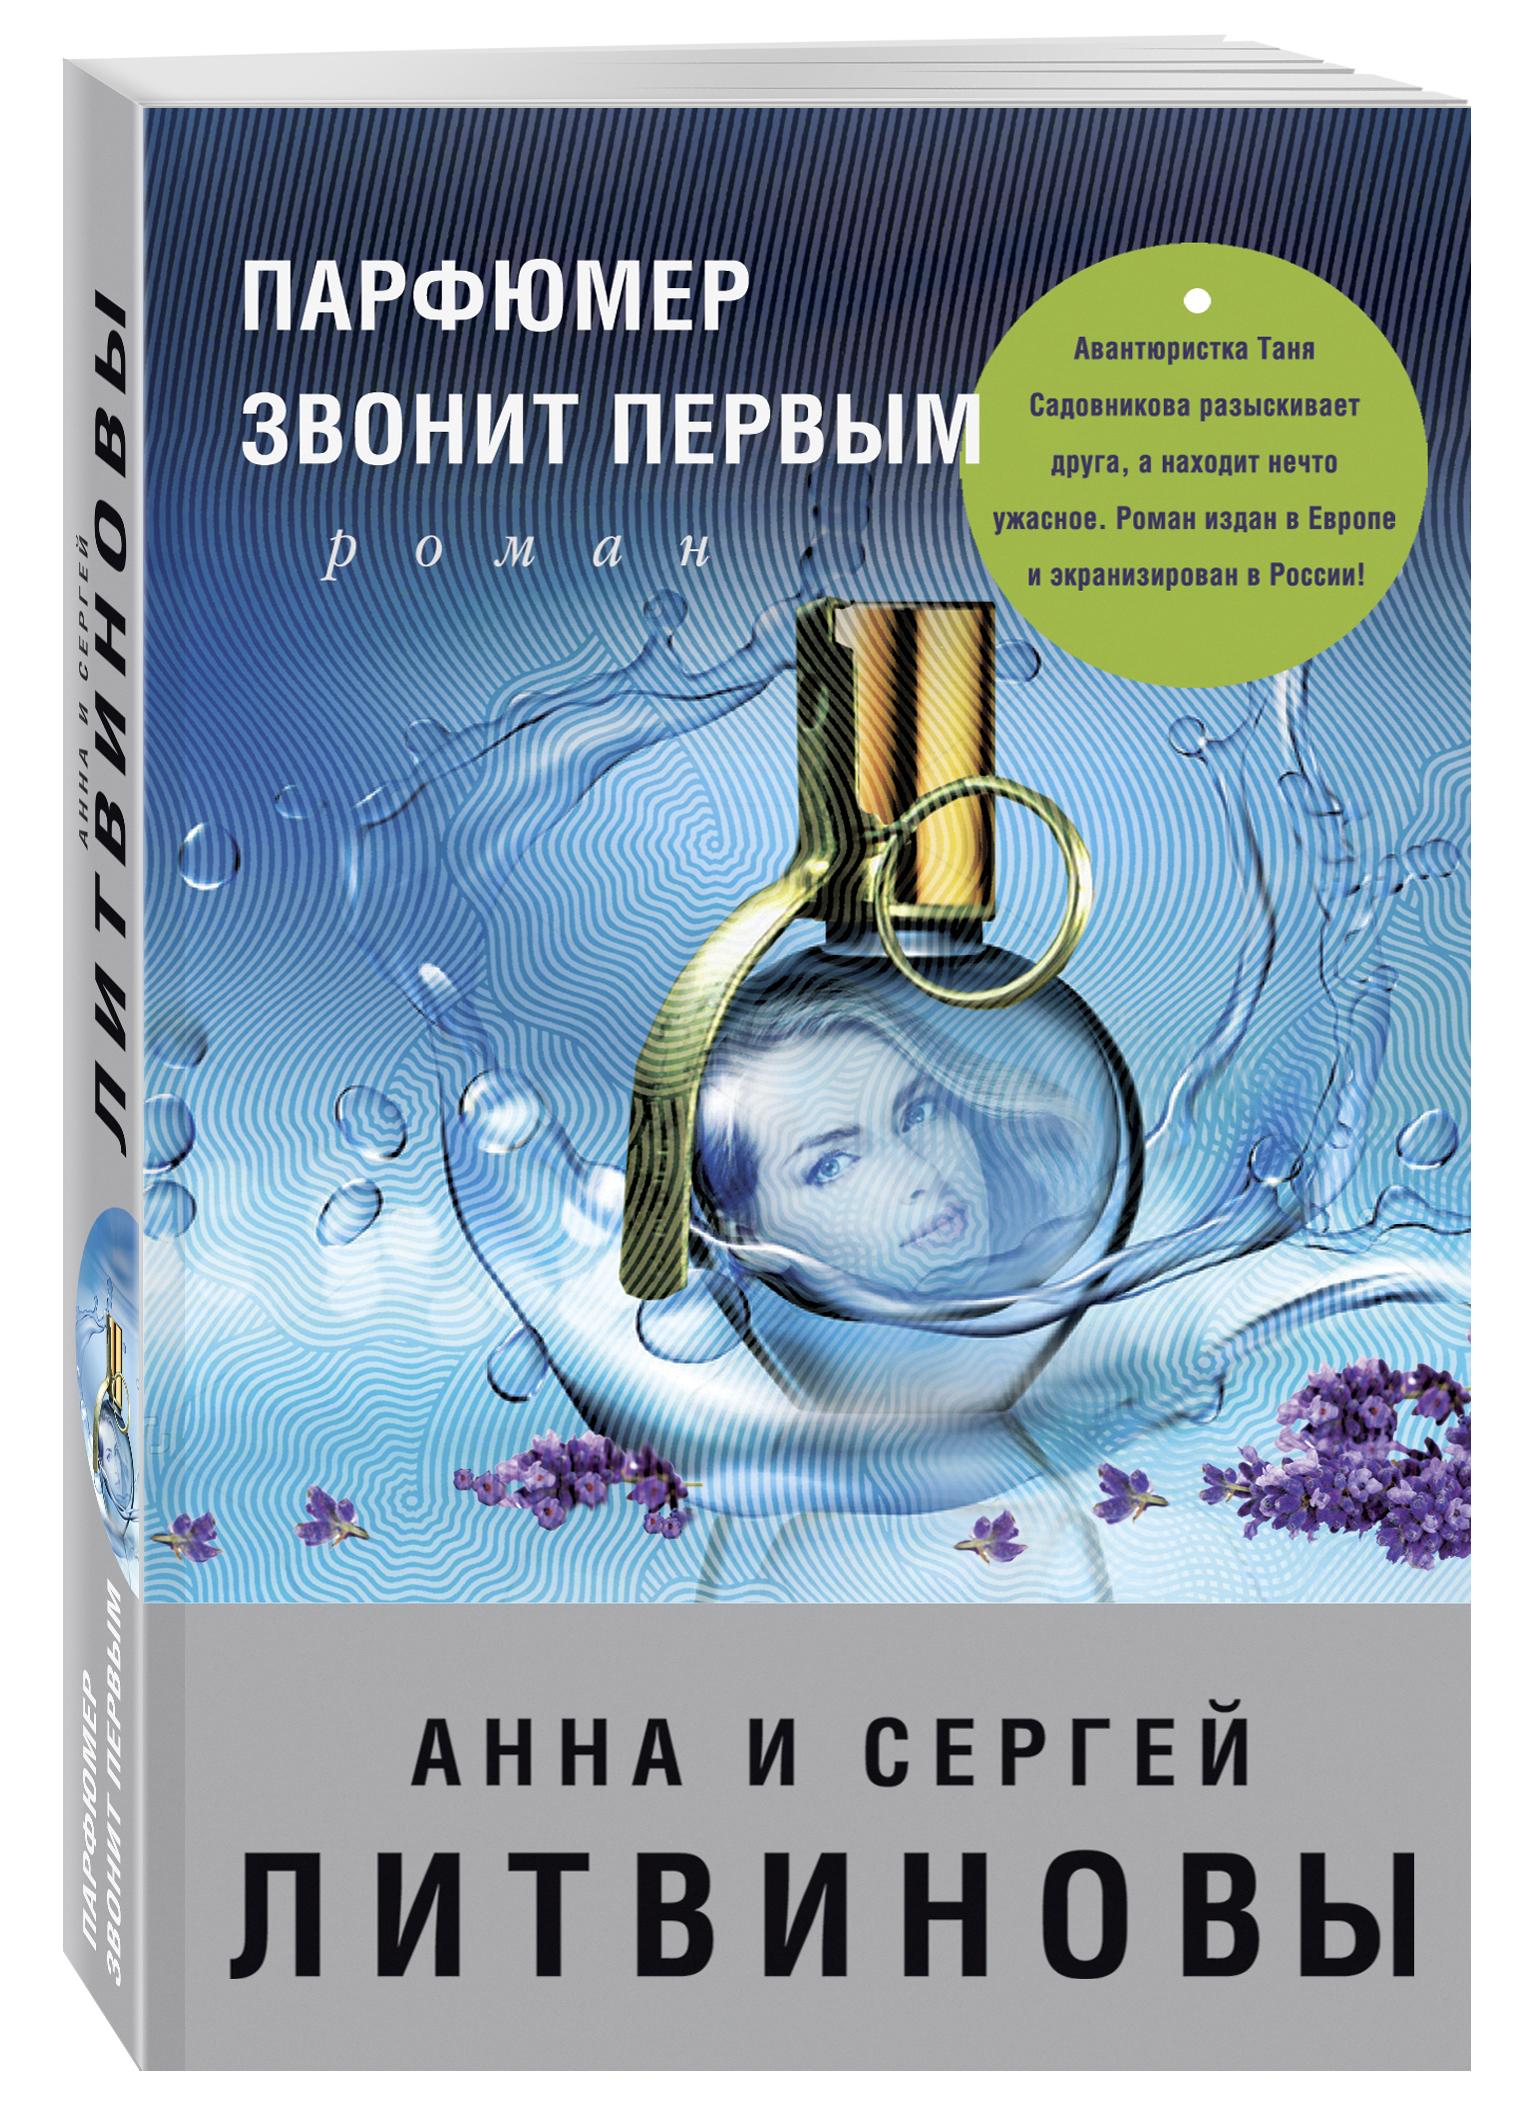 Анна и Сергей Литвиновы Парфюмер звонит первым